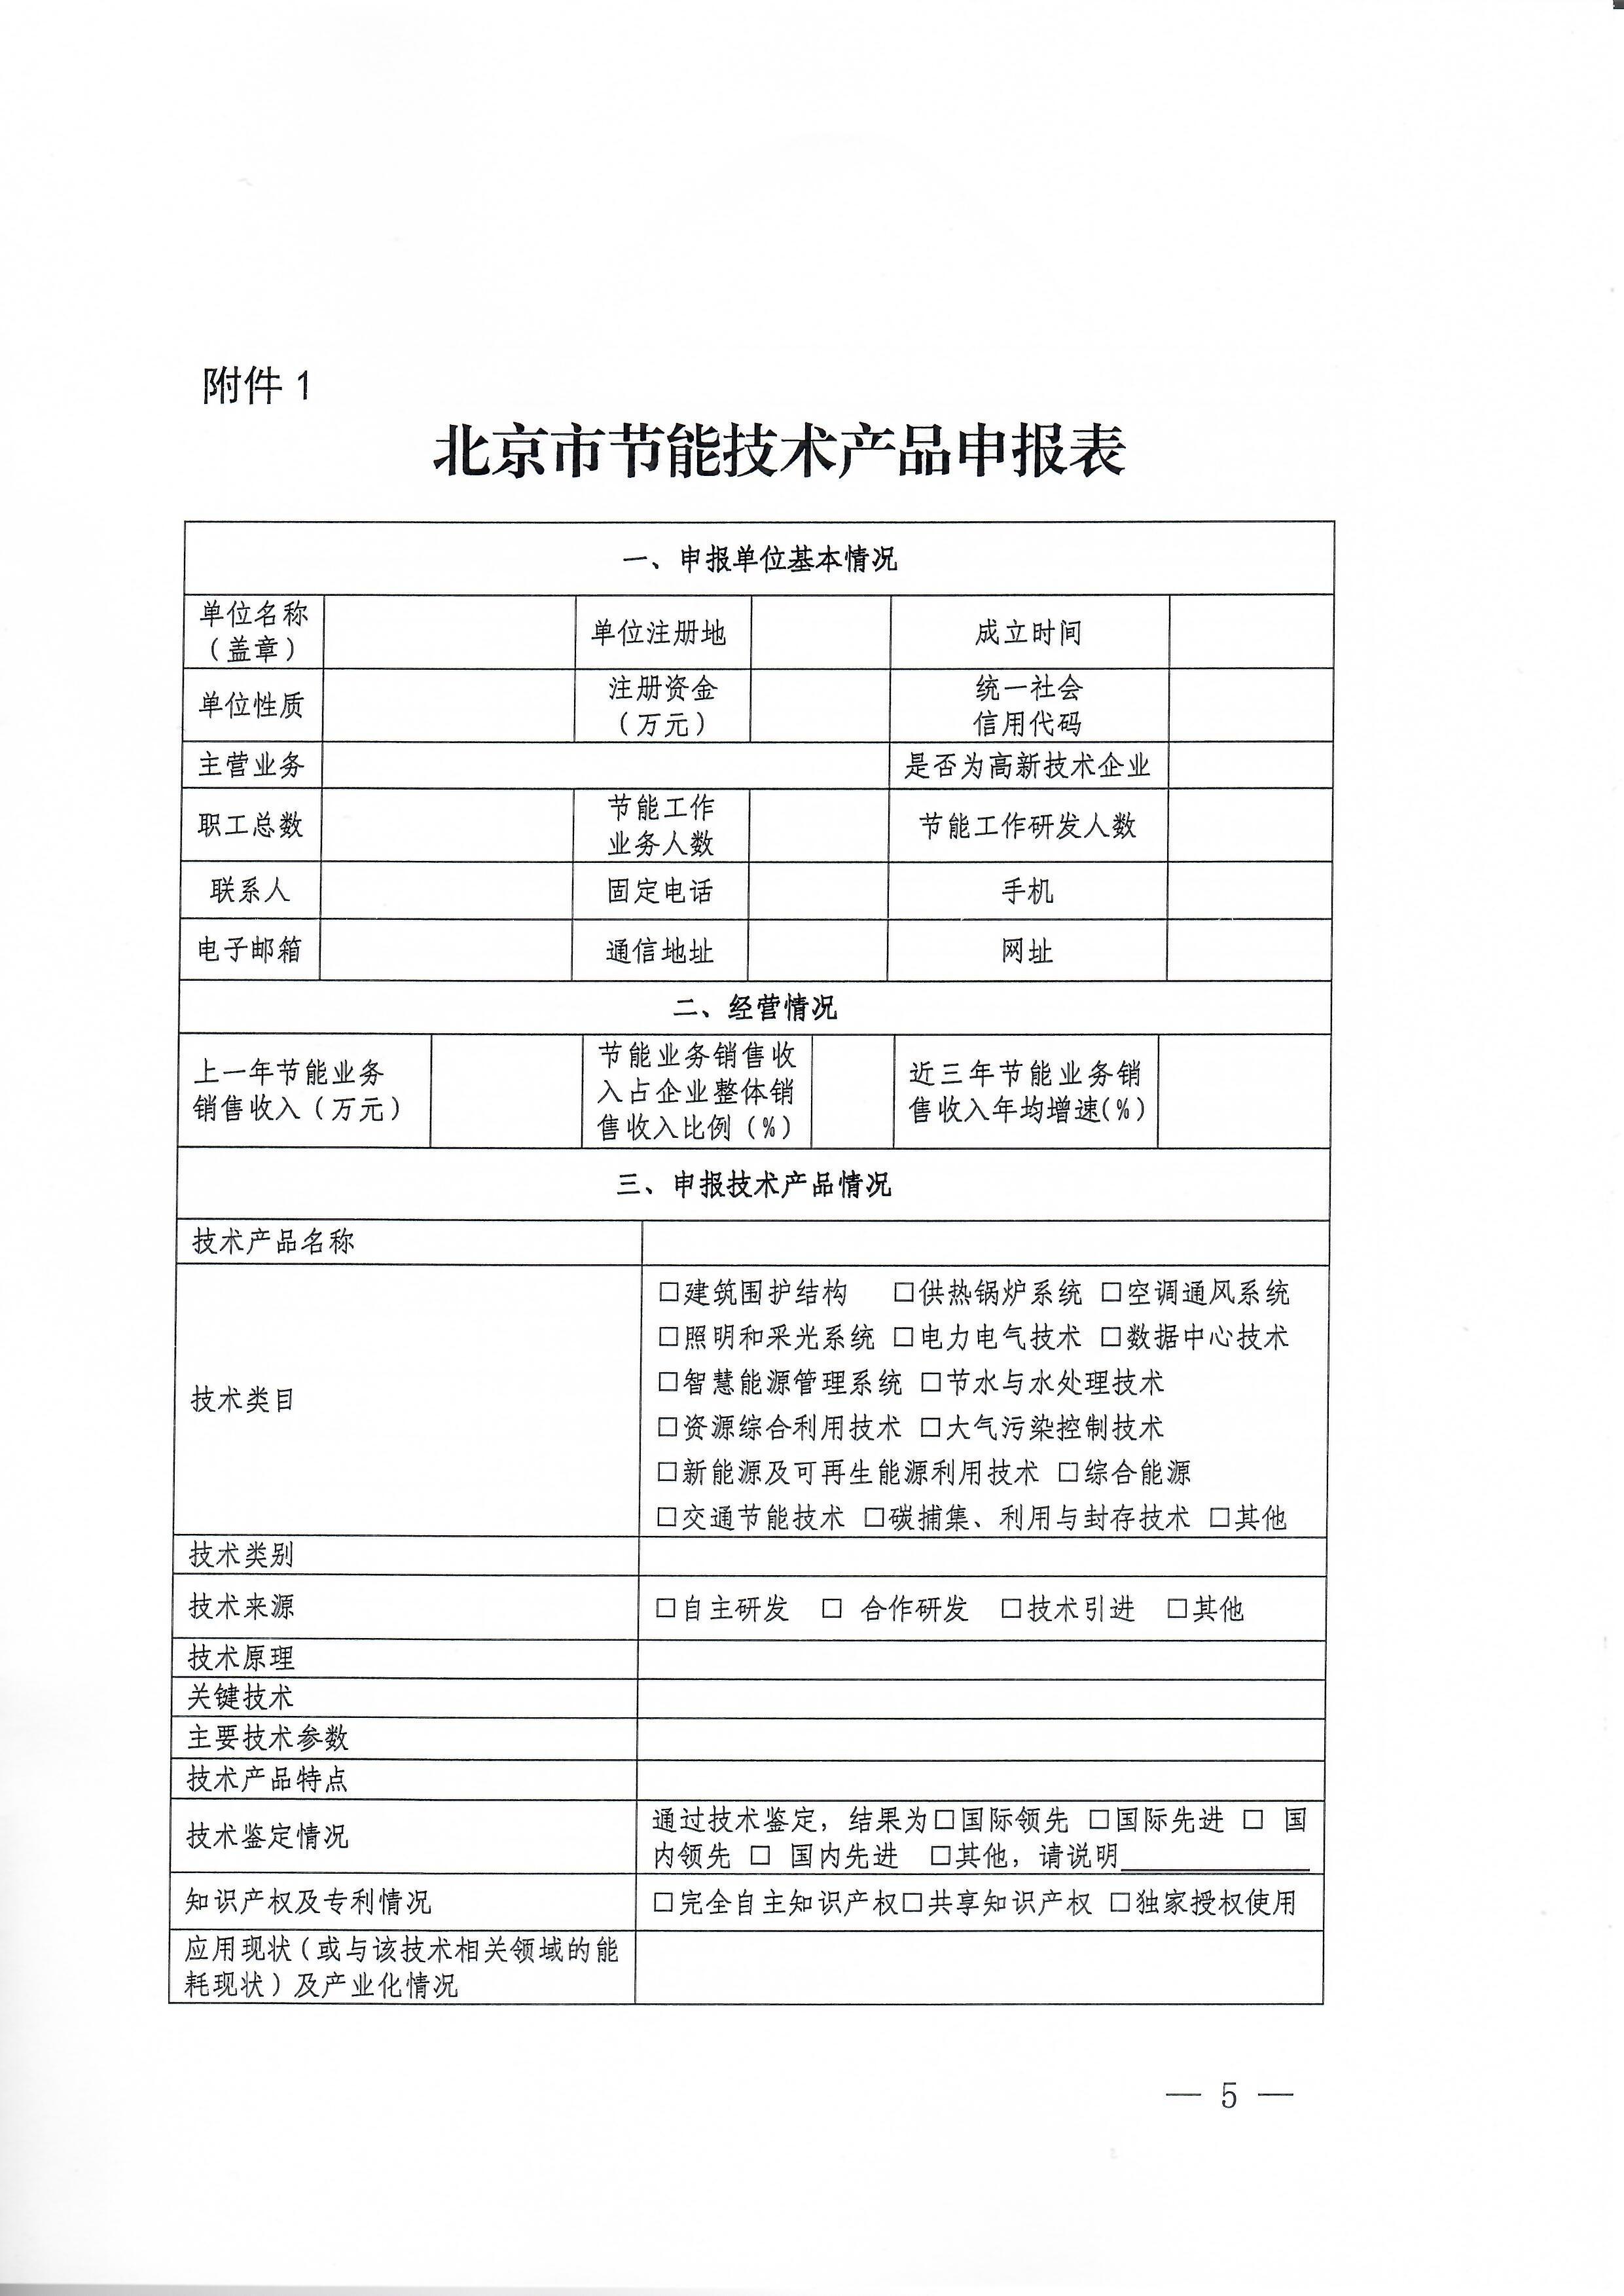 北京市节能技术产品征集通知_页面_05.jpg